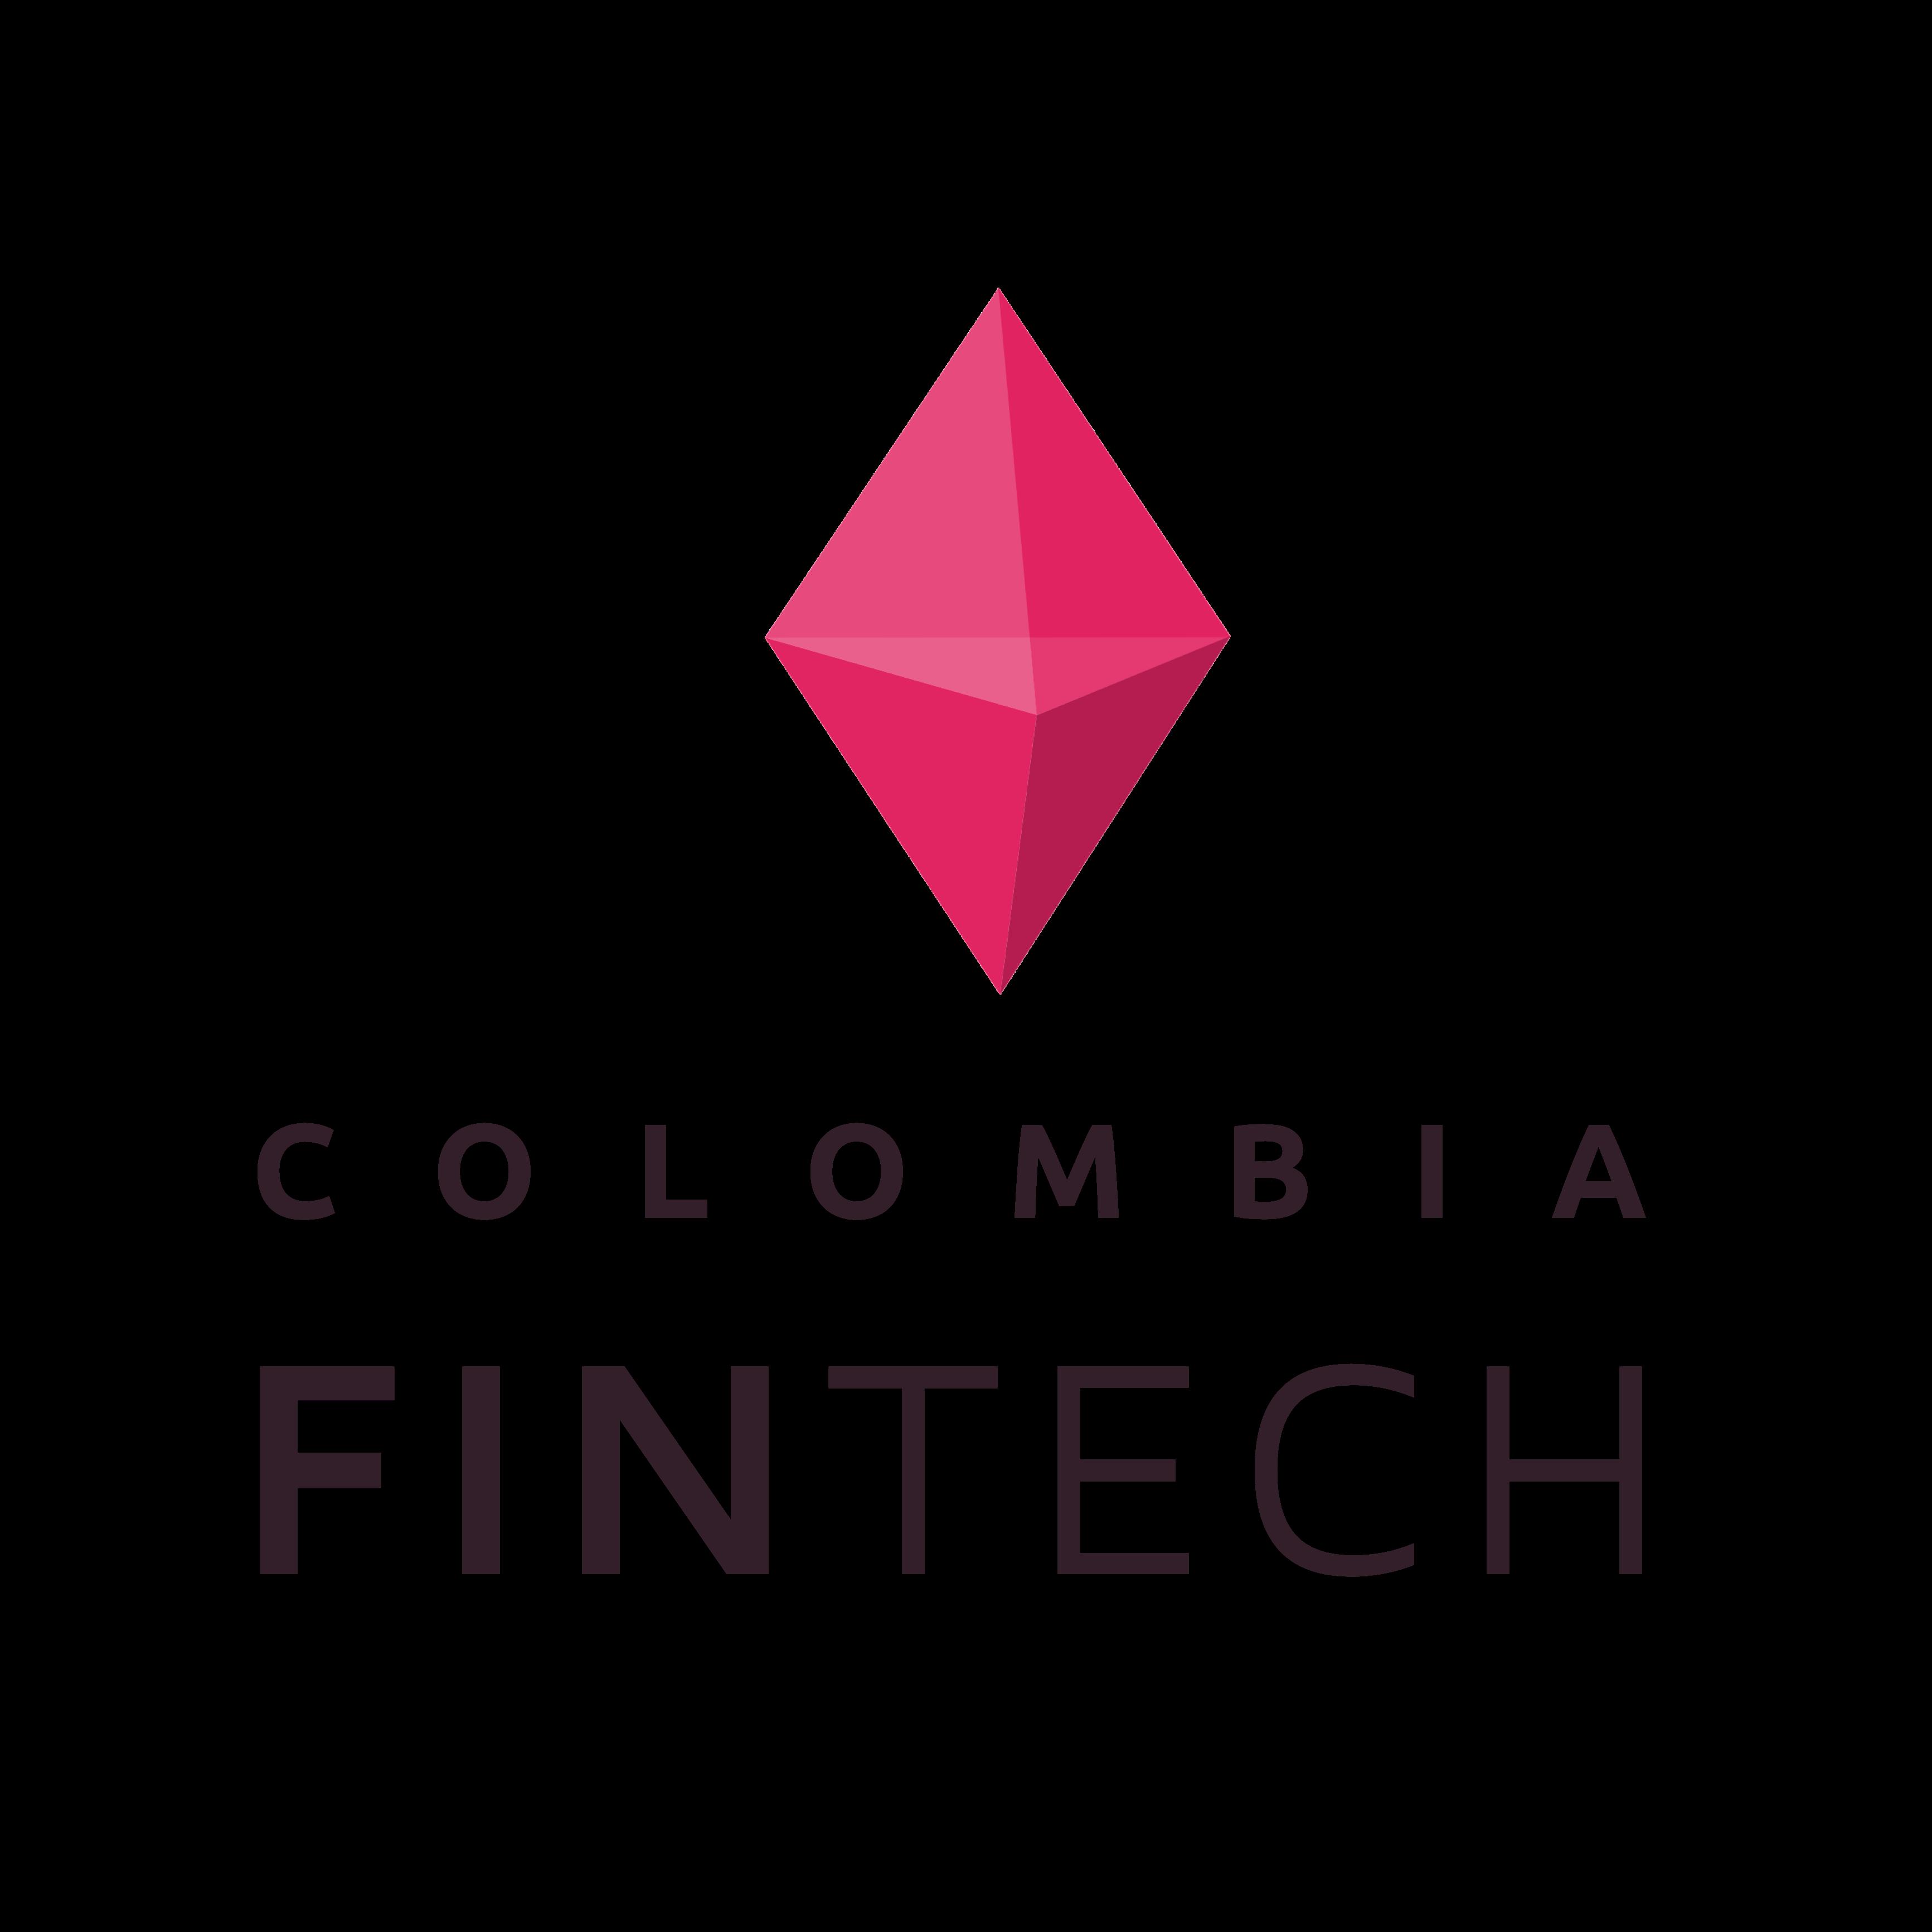 Colombia Fintech - fondo claro hq